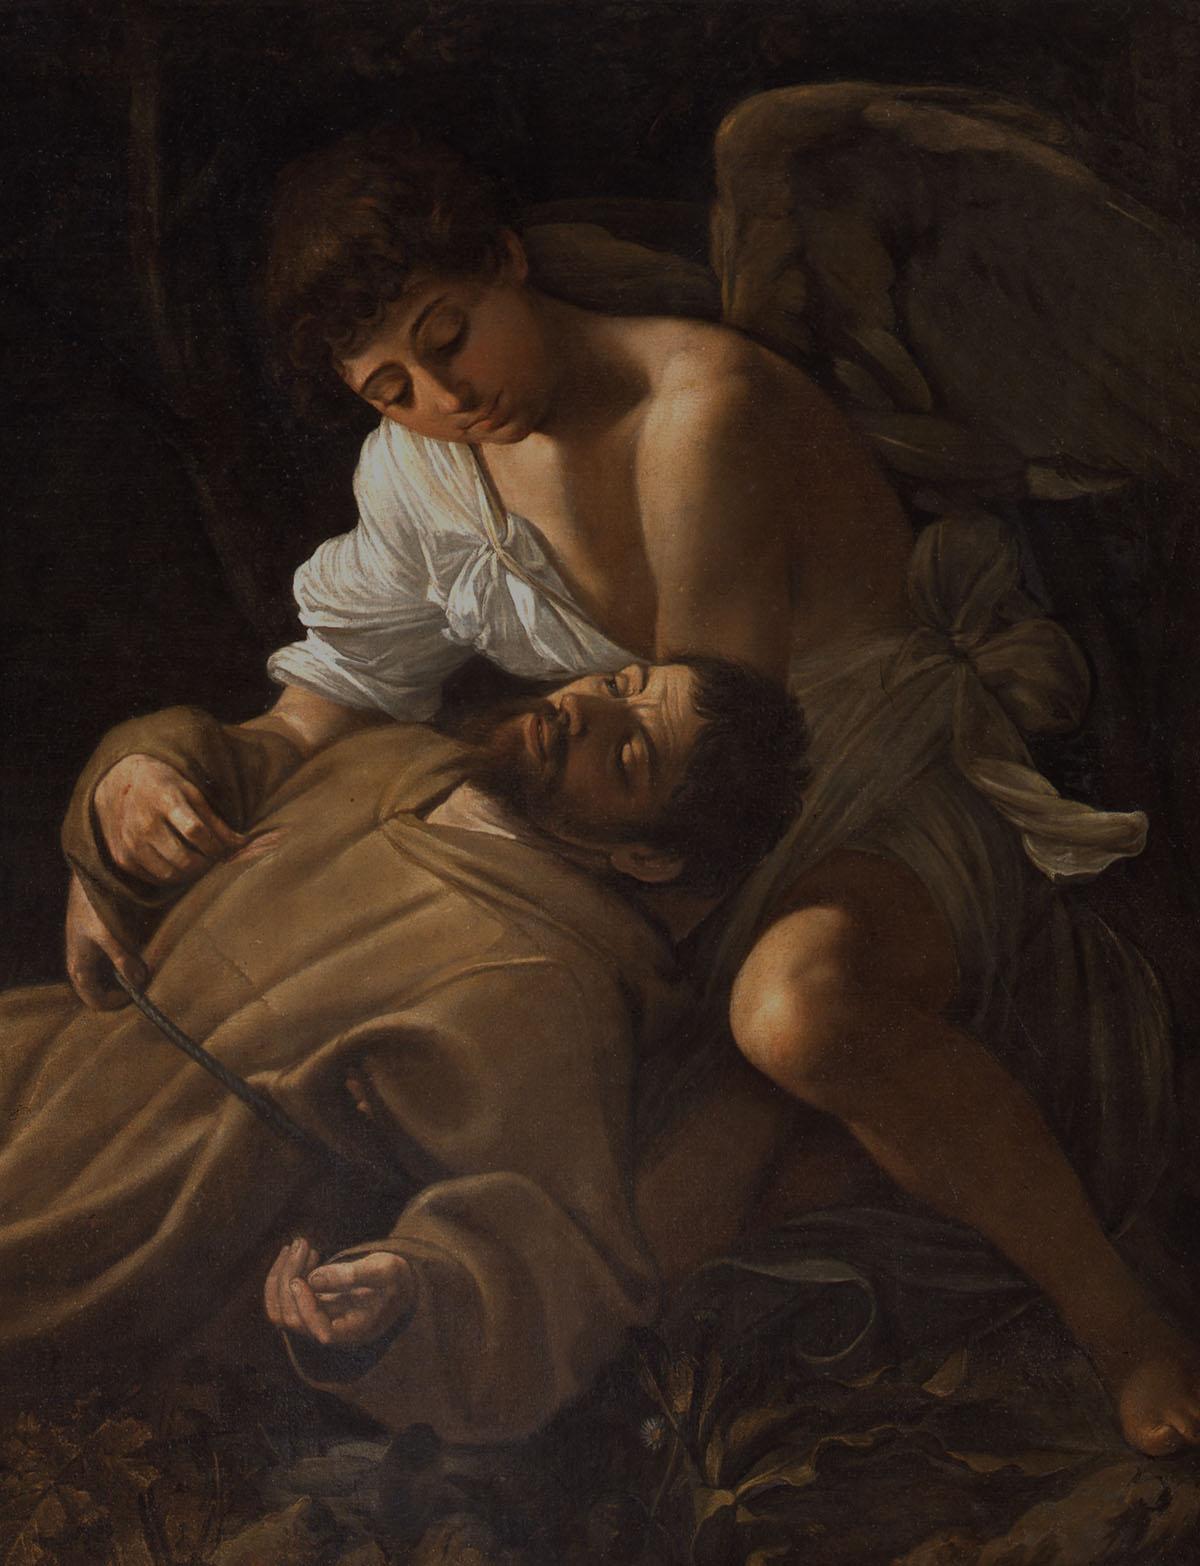 San Francesco che riceve le stigmate - Caravaggio-Schule, 1606-07